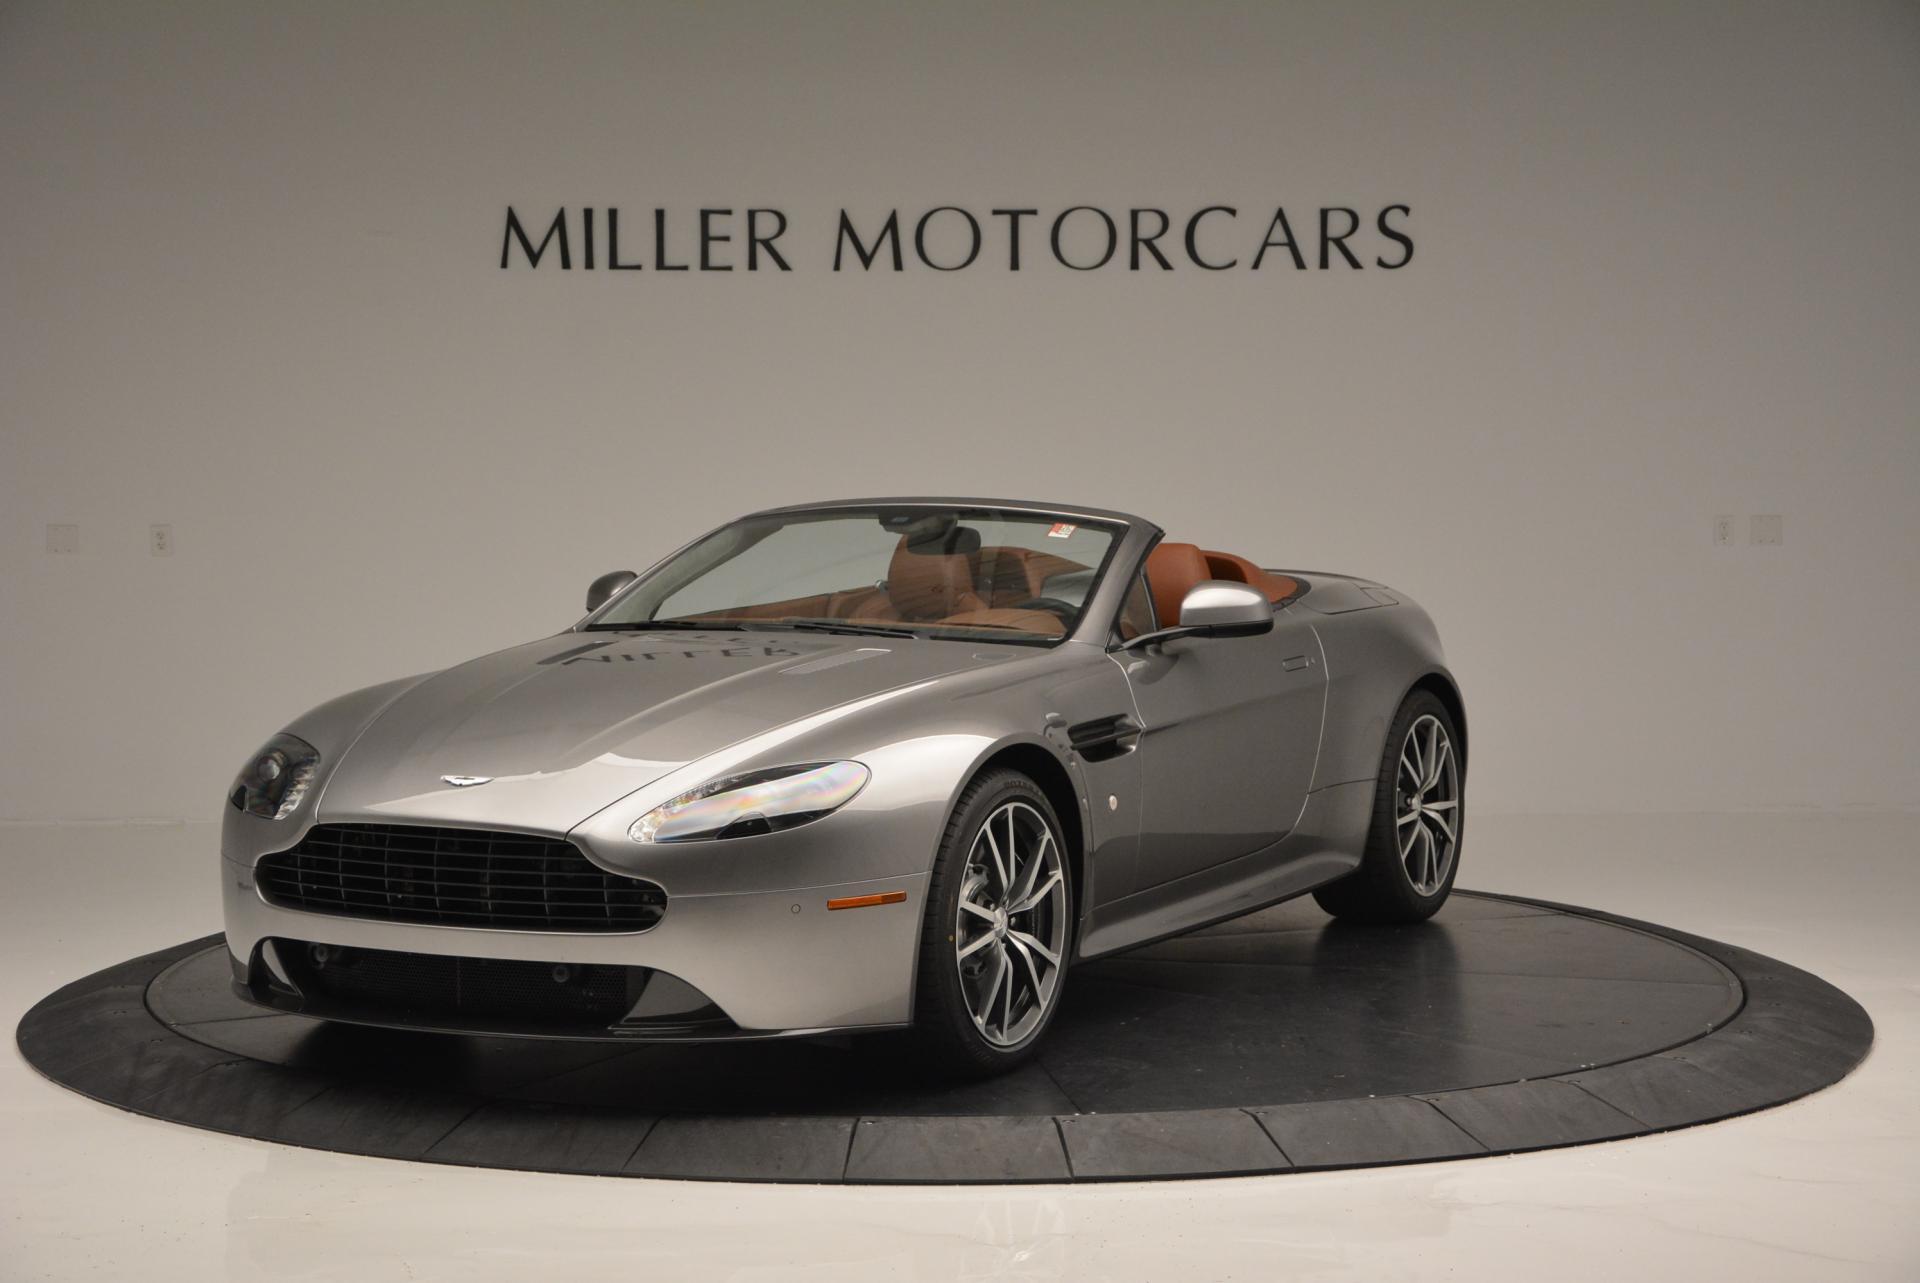 New 2016 Aston Martin V8 Vantage S  For Sale In Greenwich, CT. Alfa Romeo of Greenwich, A1179 88_main